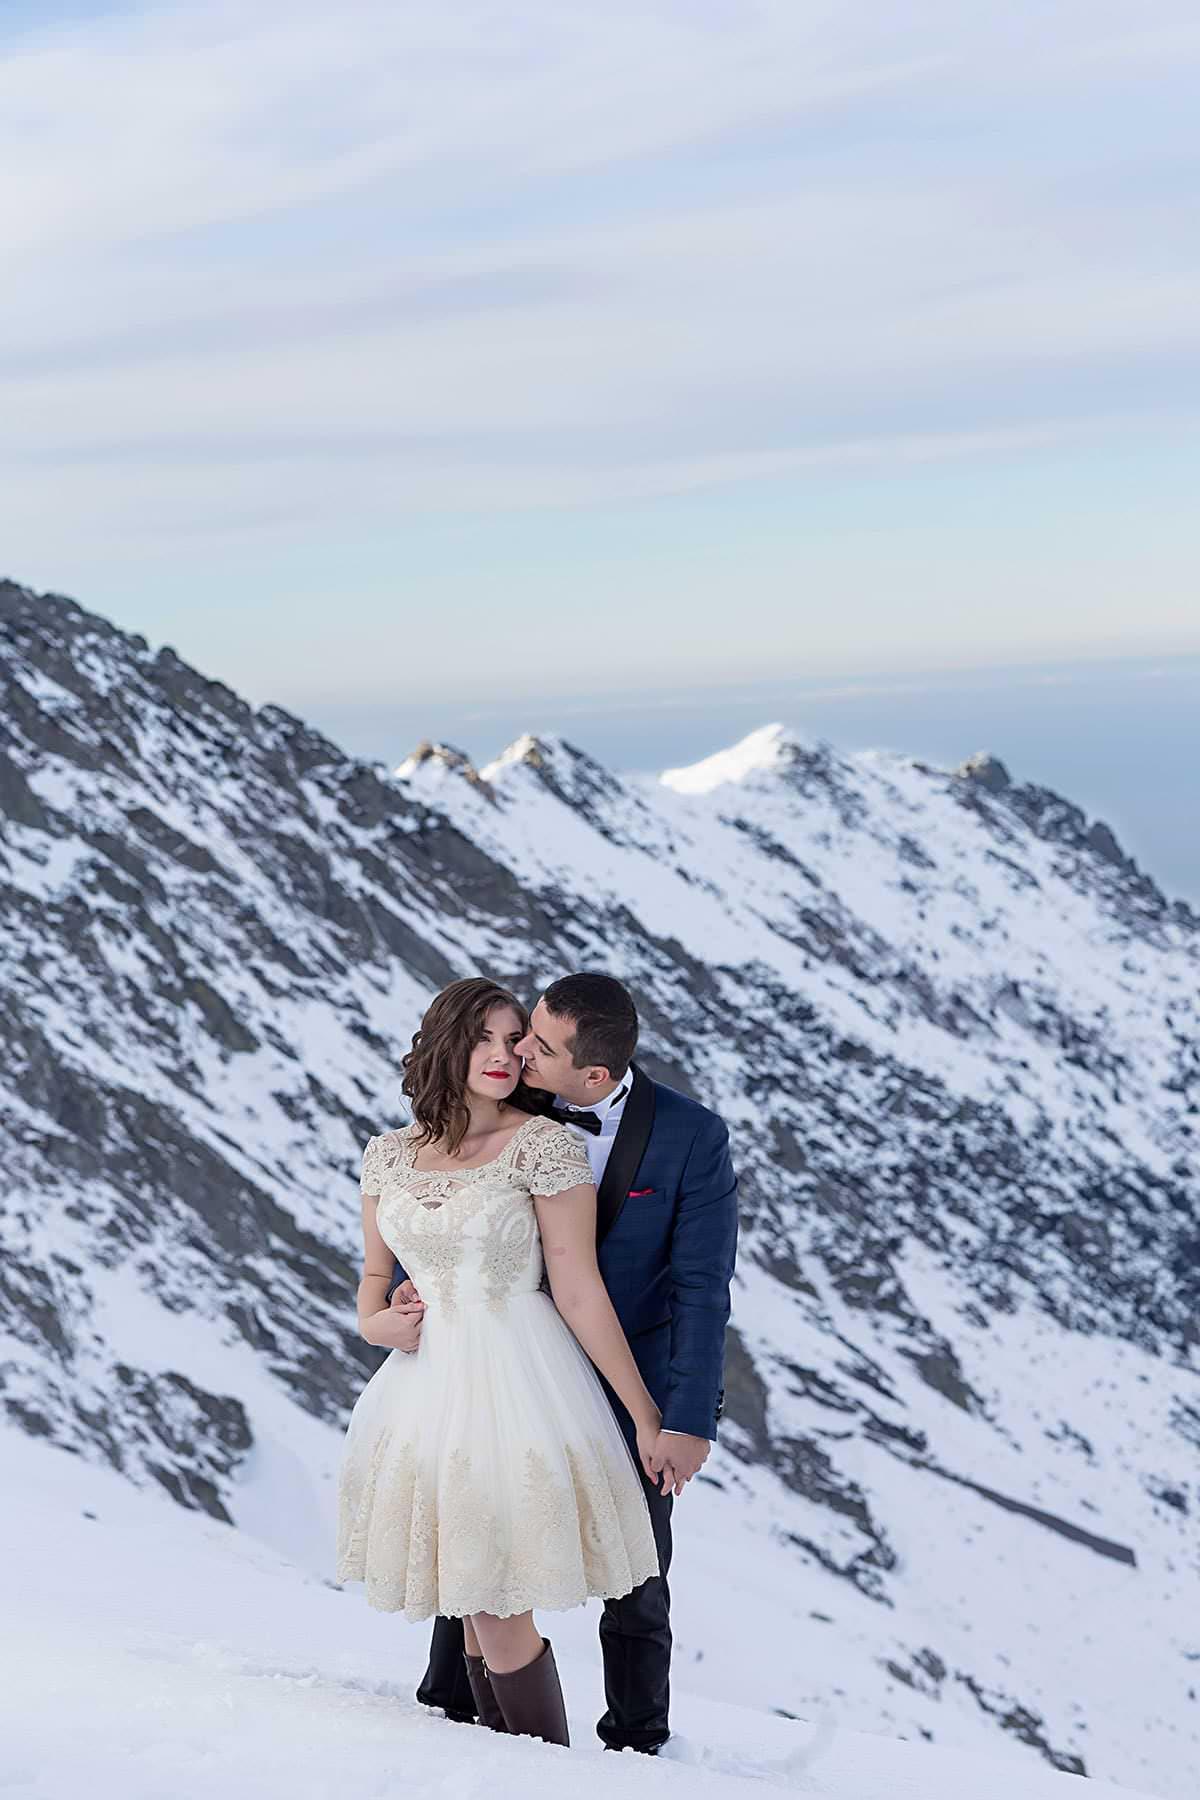 Sedinta foto dupa nunta la -10°C (lacul Balea) si Transfagarasan